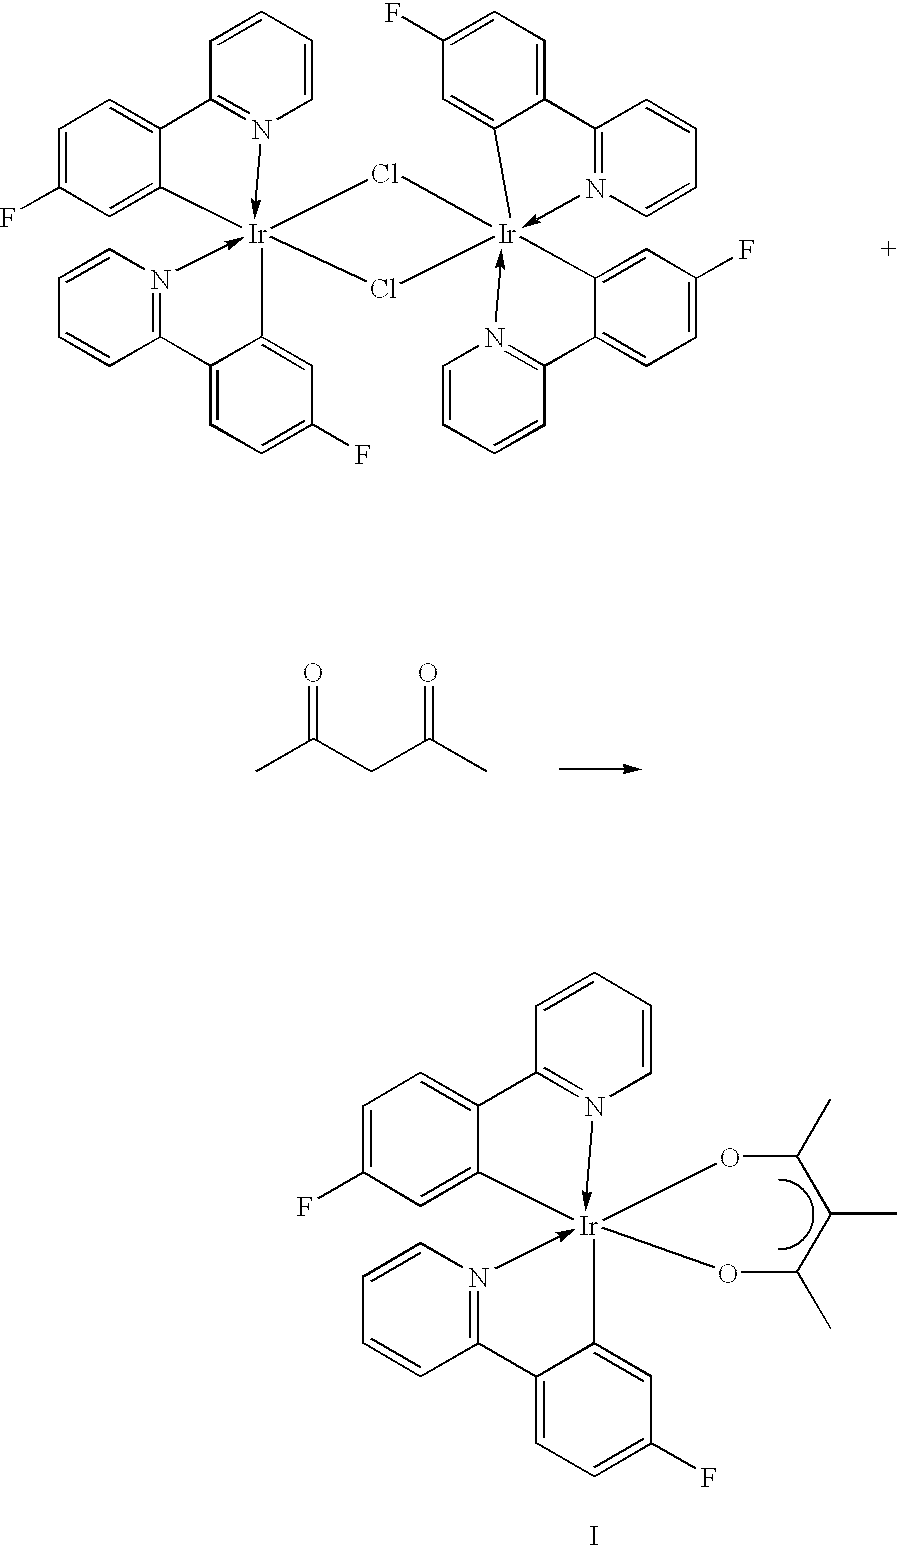 Figure US06953628-20051011-C00019